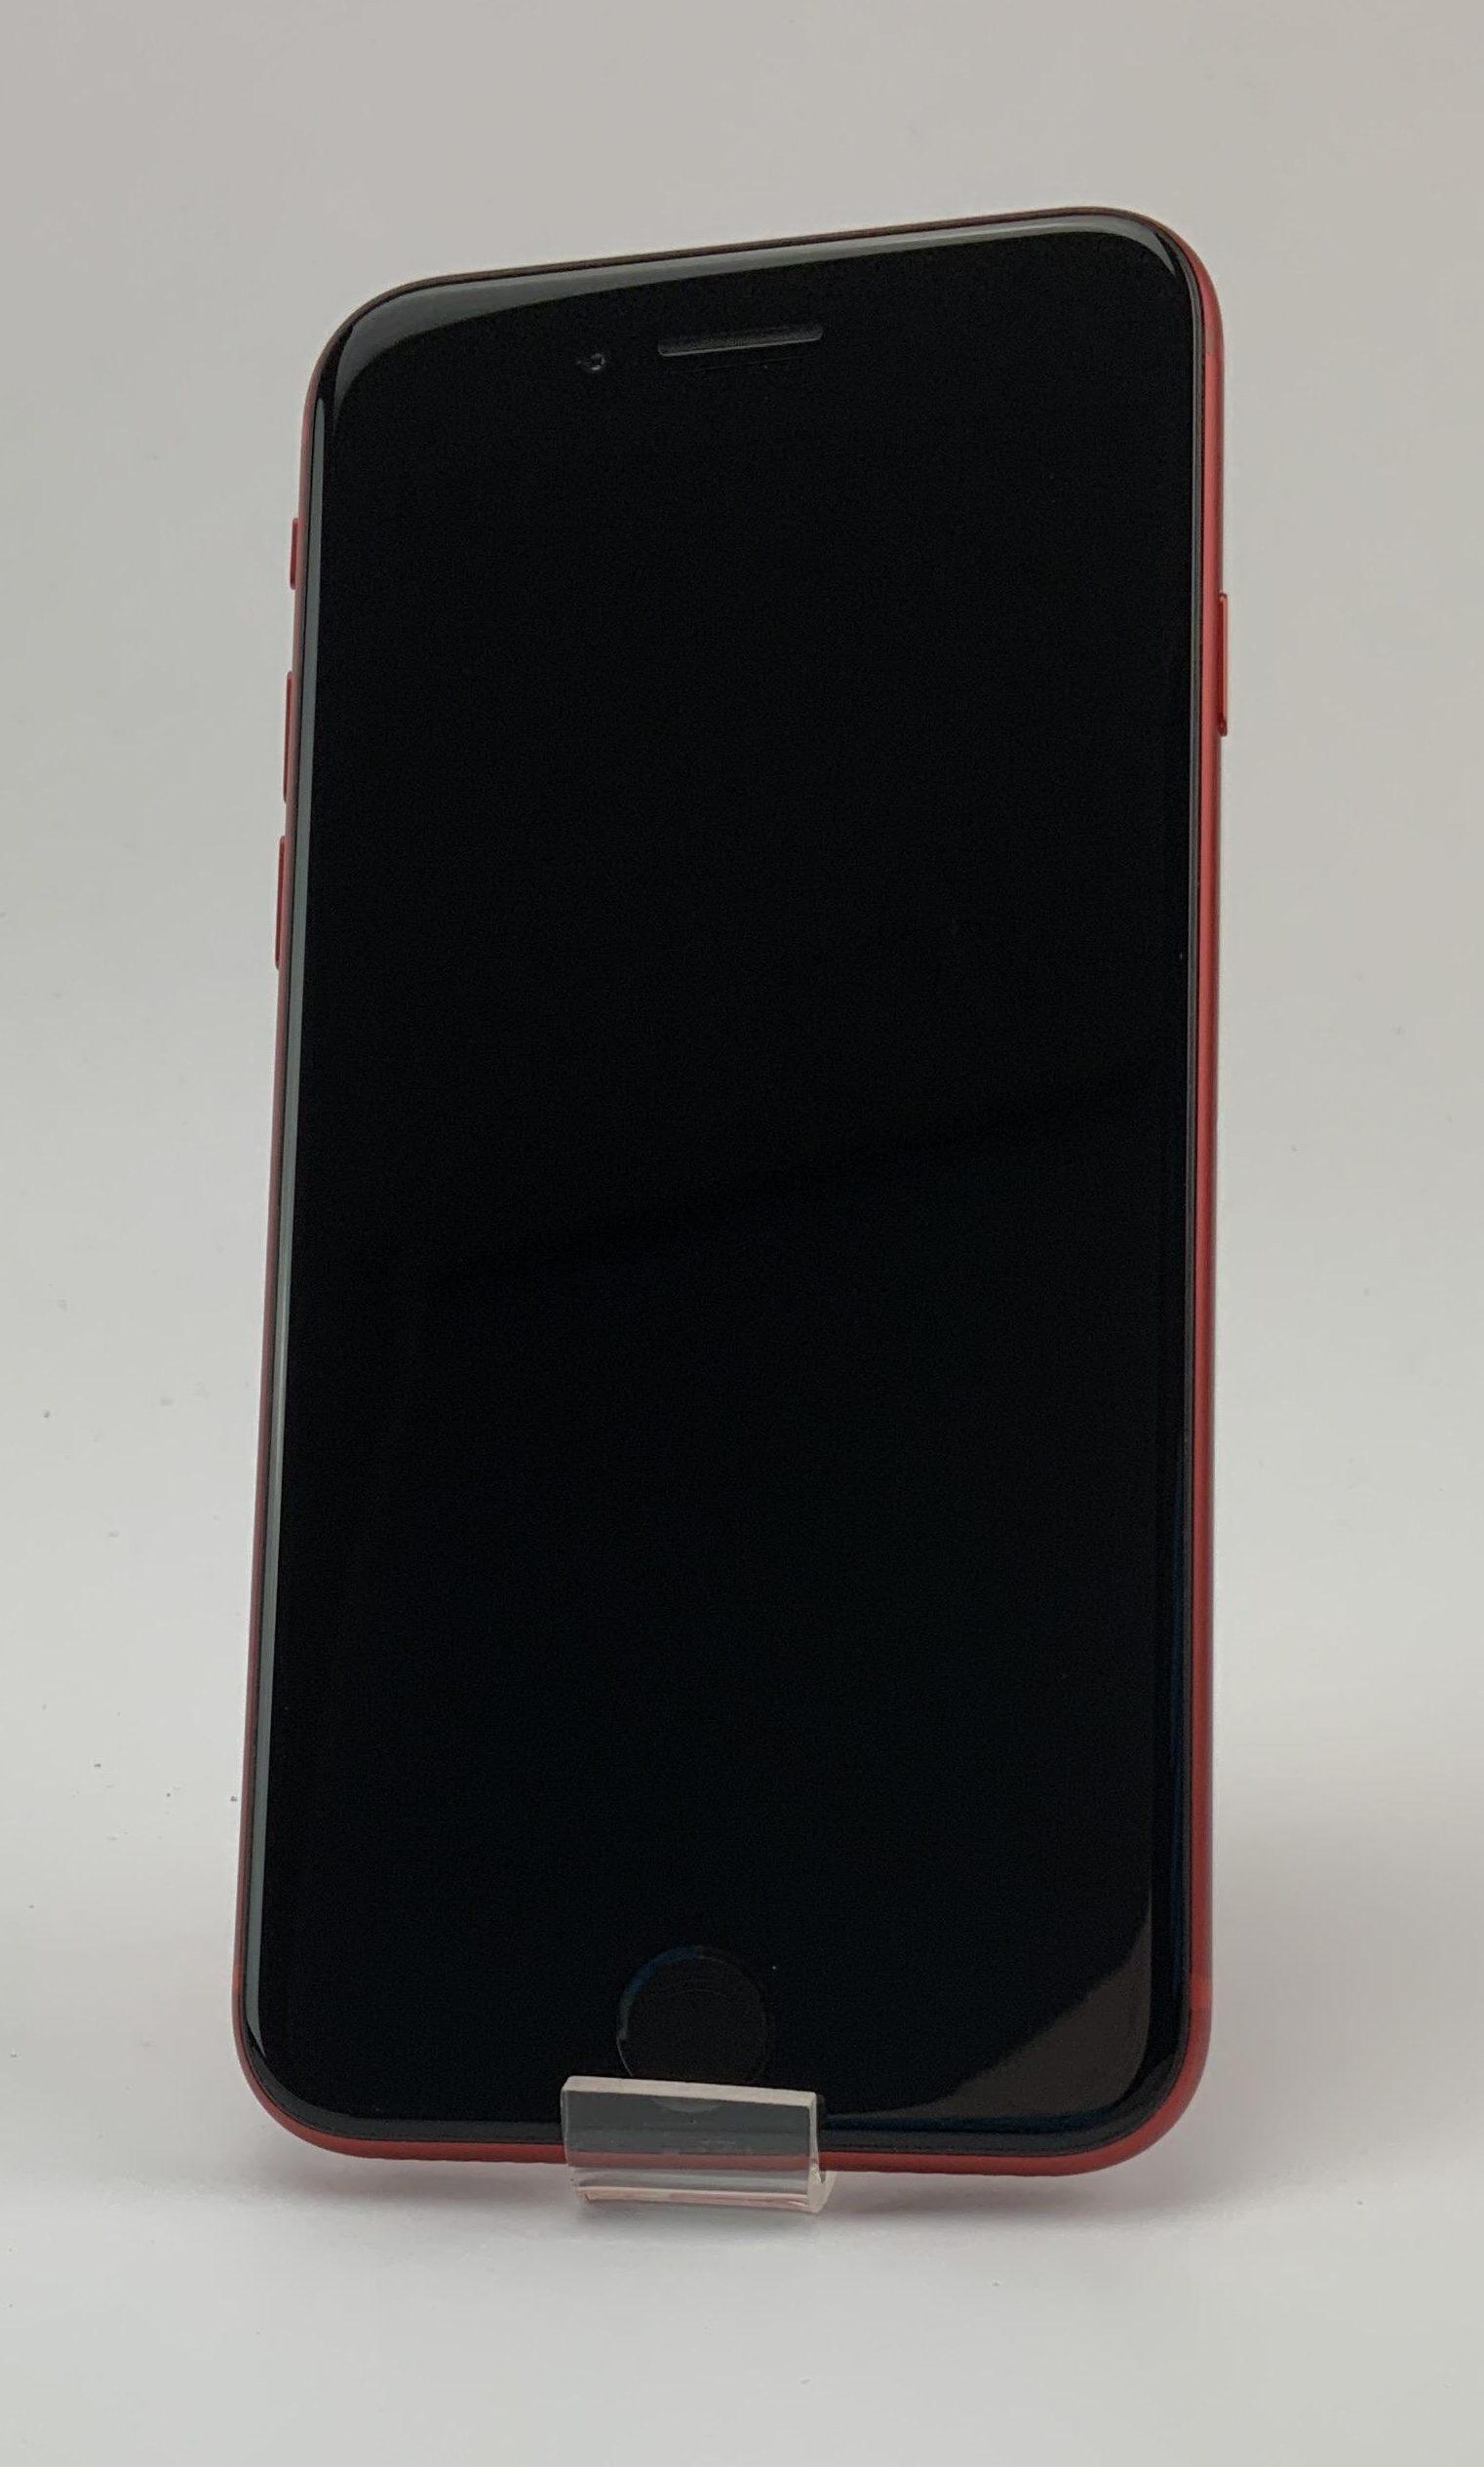 iPhone SE (2nd Gen) 64GB, 64GB, Red, Bild 1